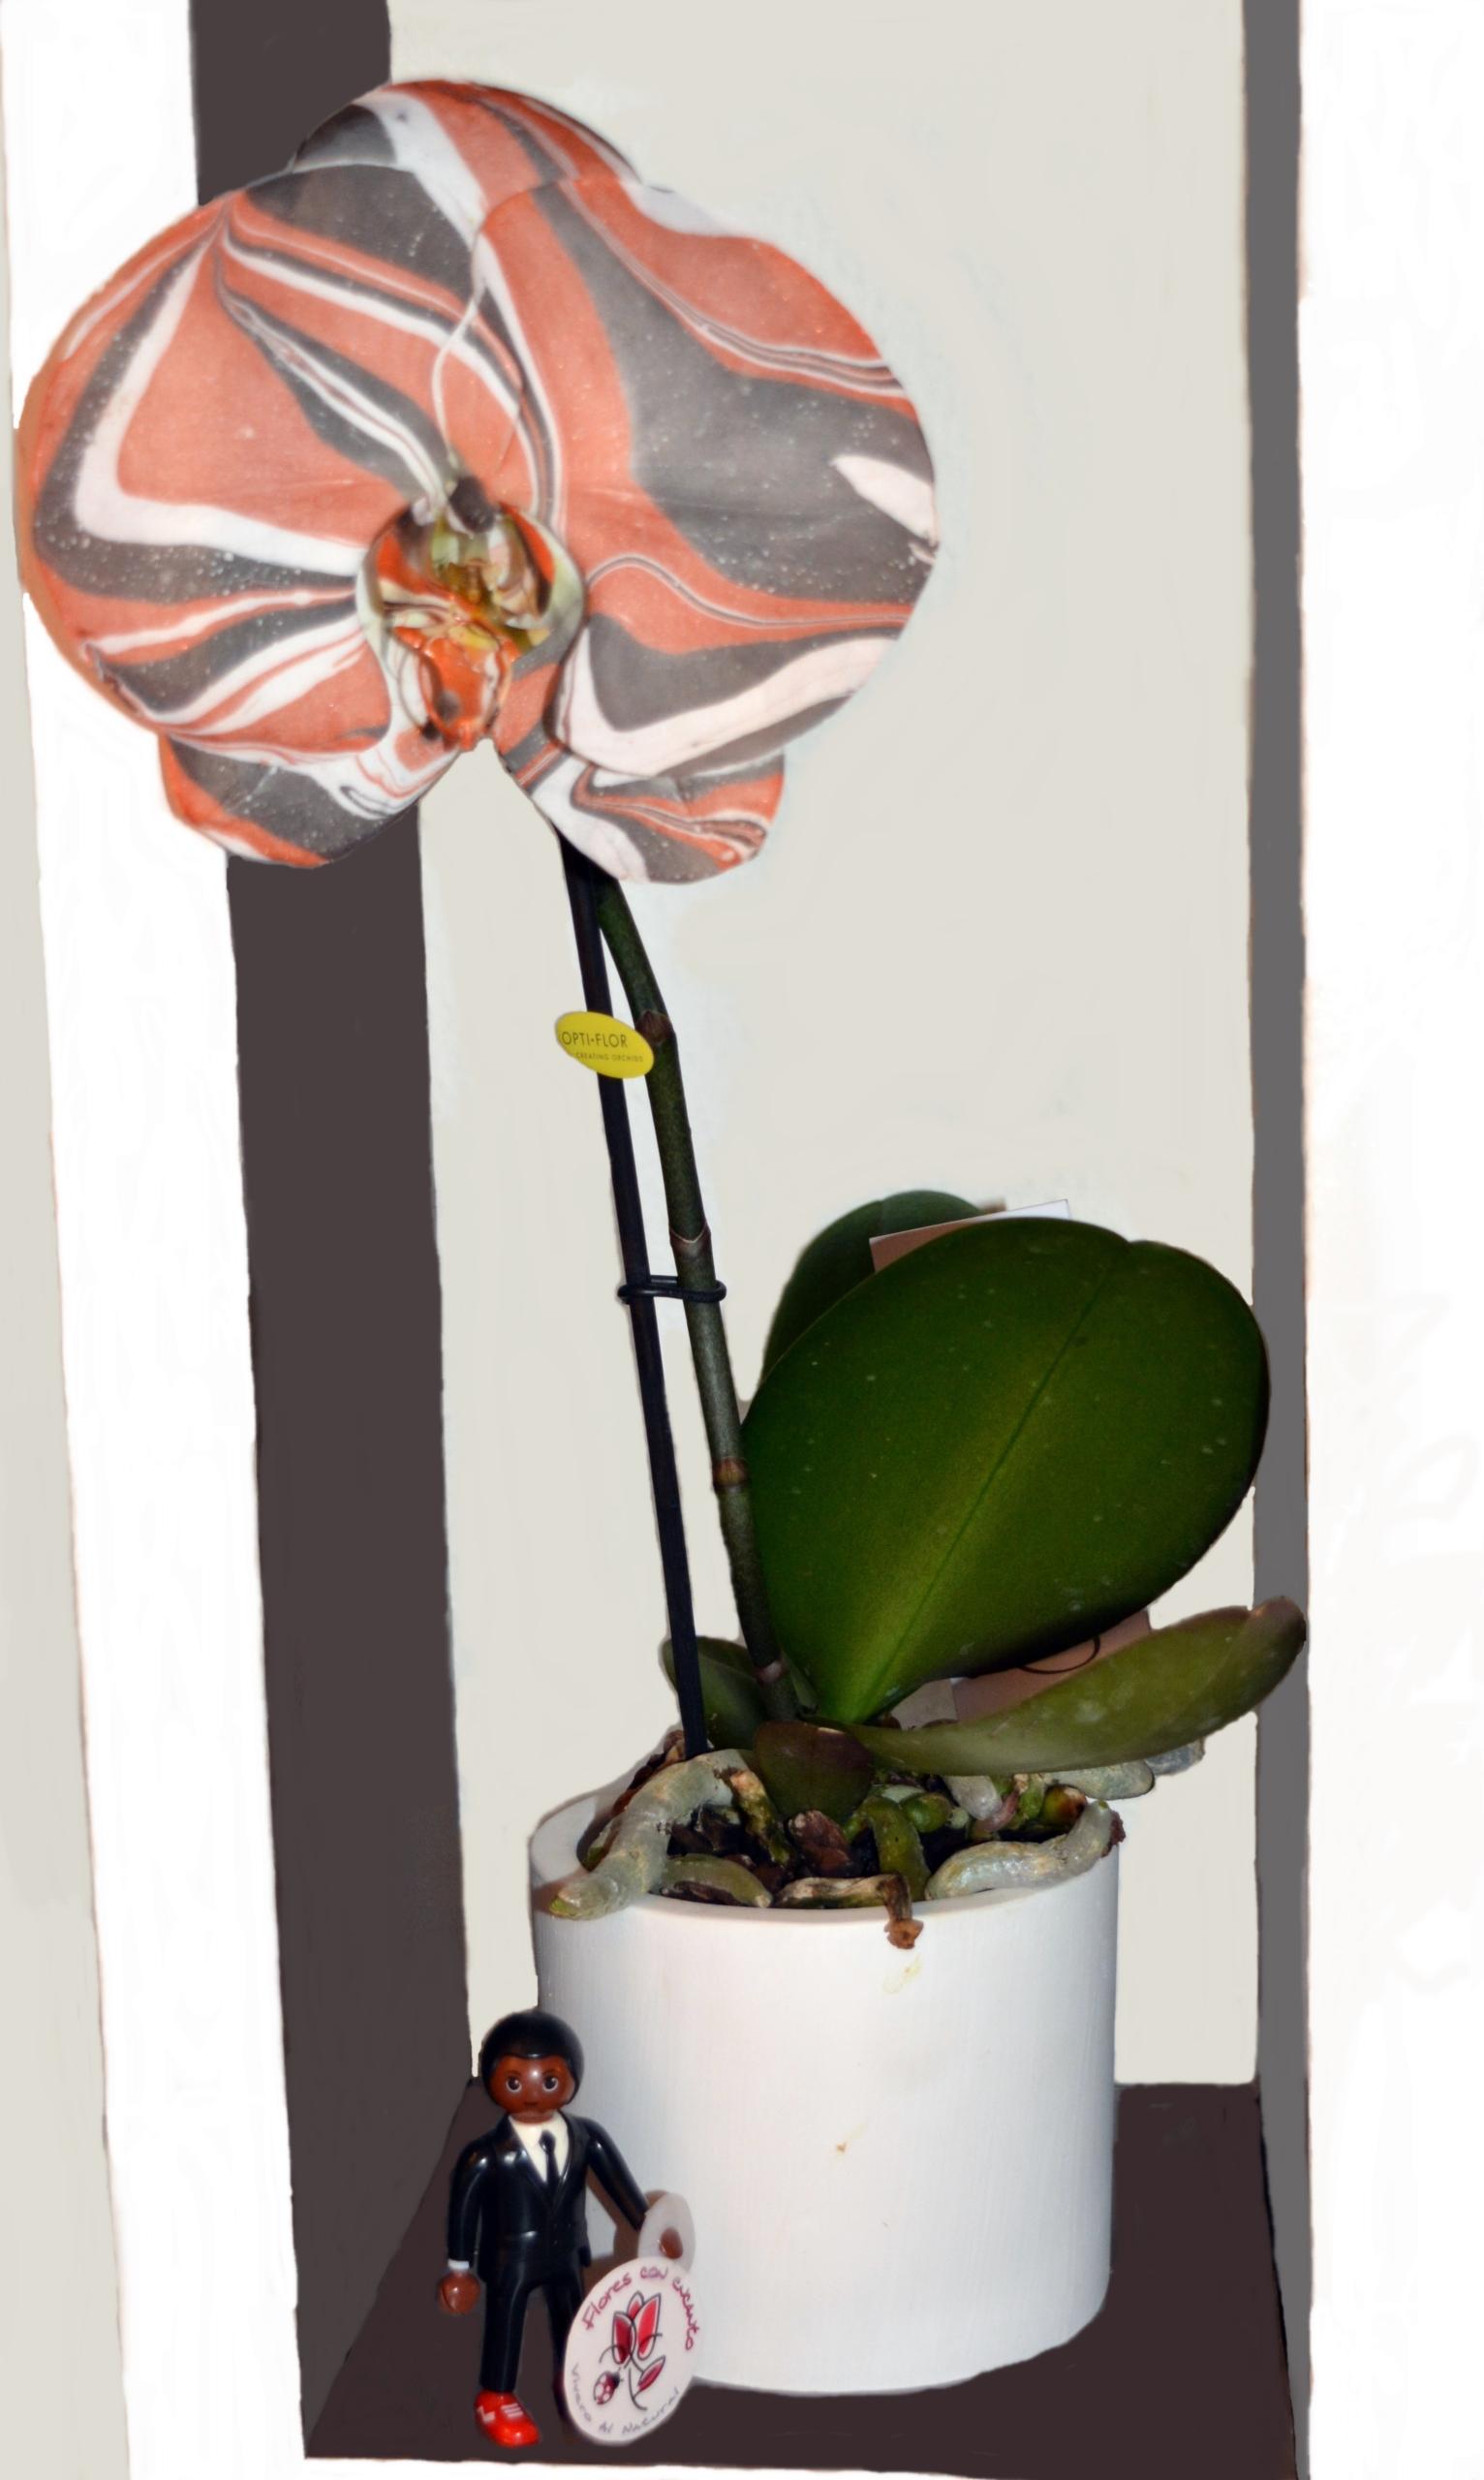 orquidearte naranja entera tamaño